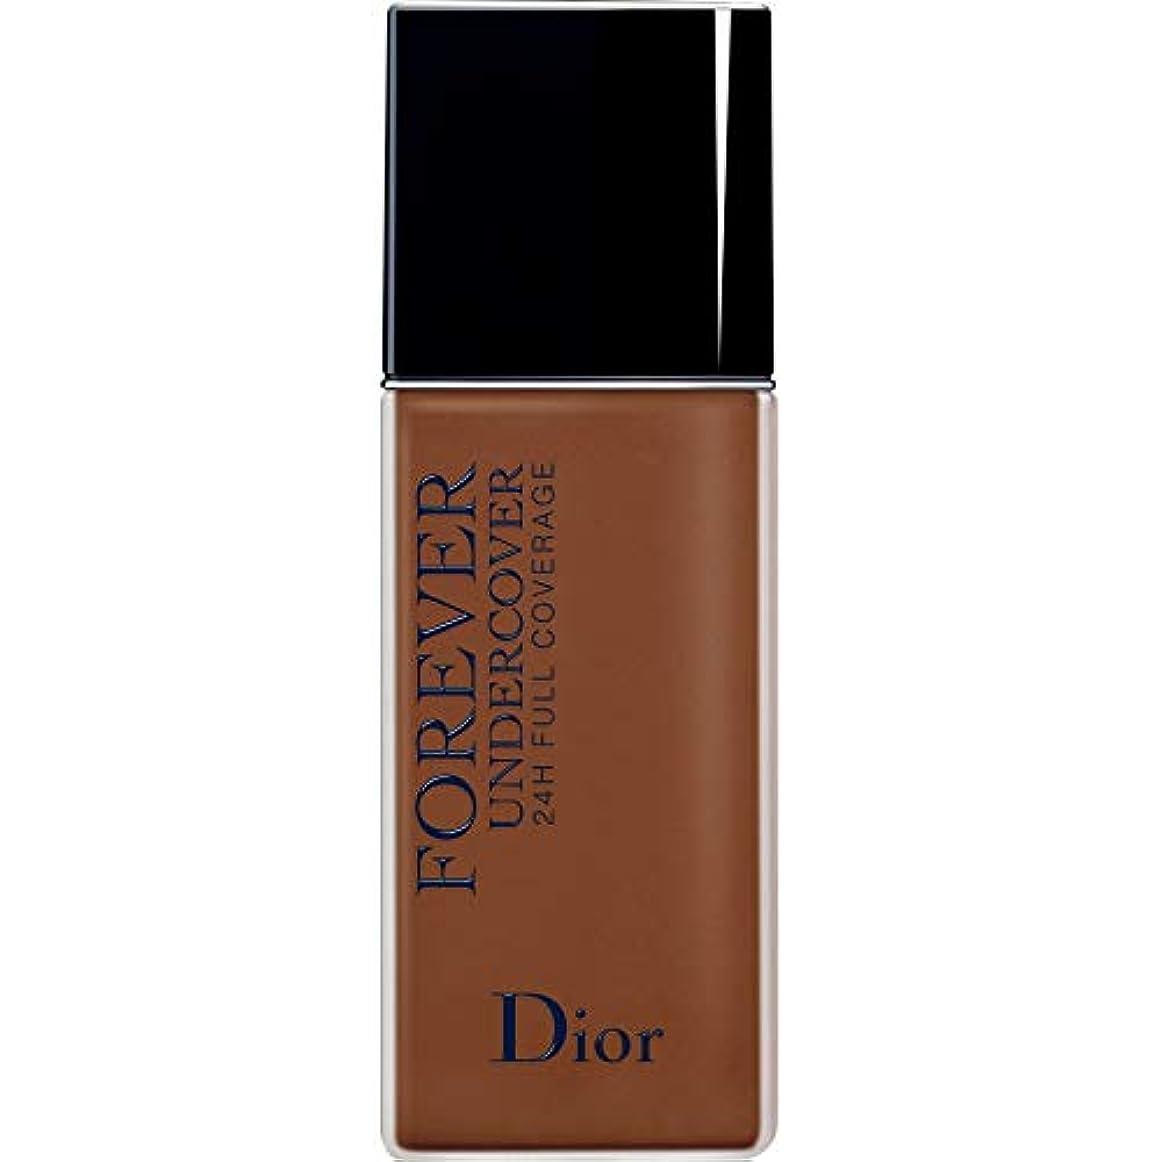 コピー憤る栄養[Dior ] ディオールディオールスキン永遠アンダーカバーフルカバーの基礎40ミリリットル070 - ダークブラウン - DIOR Diorskin Forever Undercover Full Coverage Foundation...